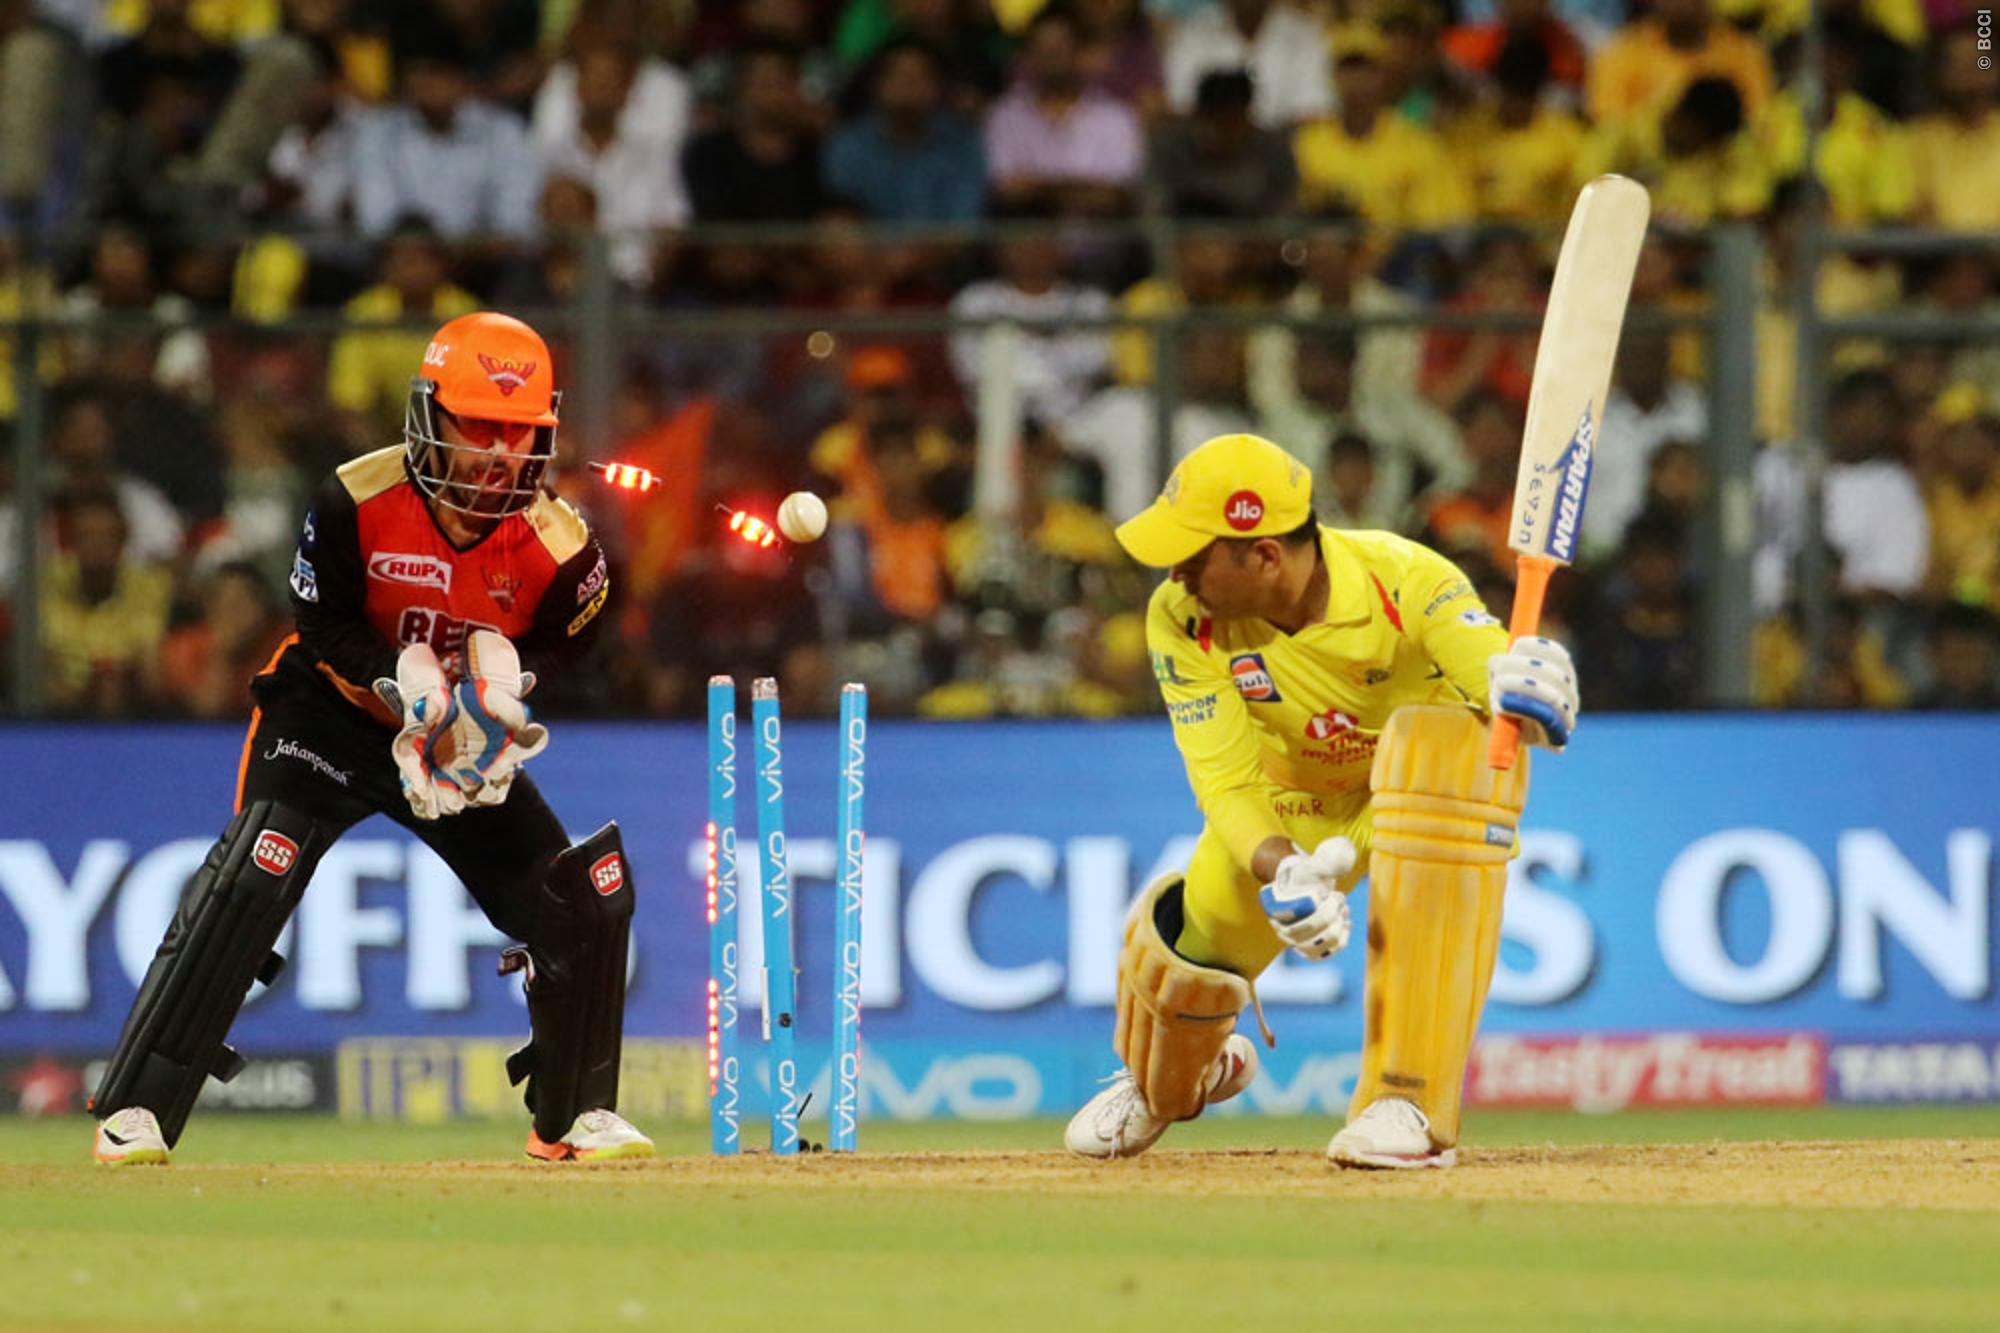 VIDEO: राशिद खान के सामने बेबस नजर आये धोनी, मिस्ट्री गेंद पर कुछ ऐसे हुए बोल्ड 1